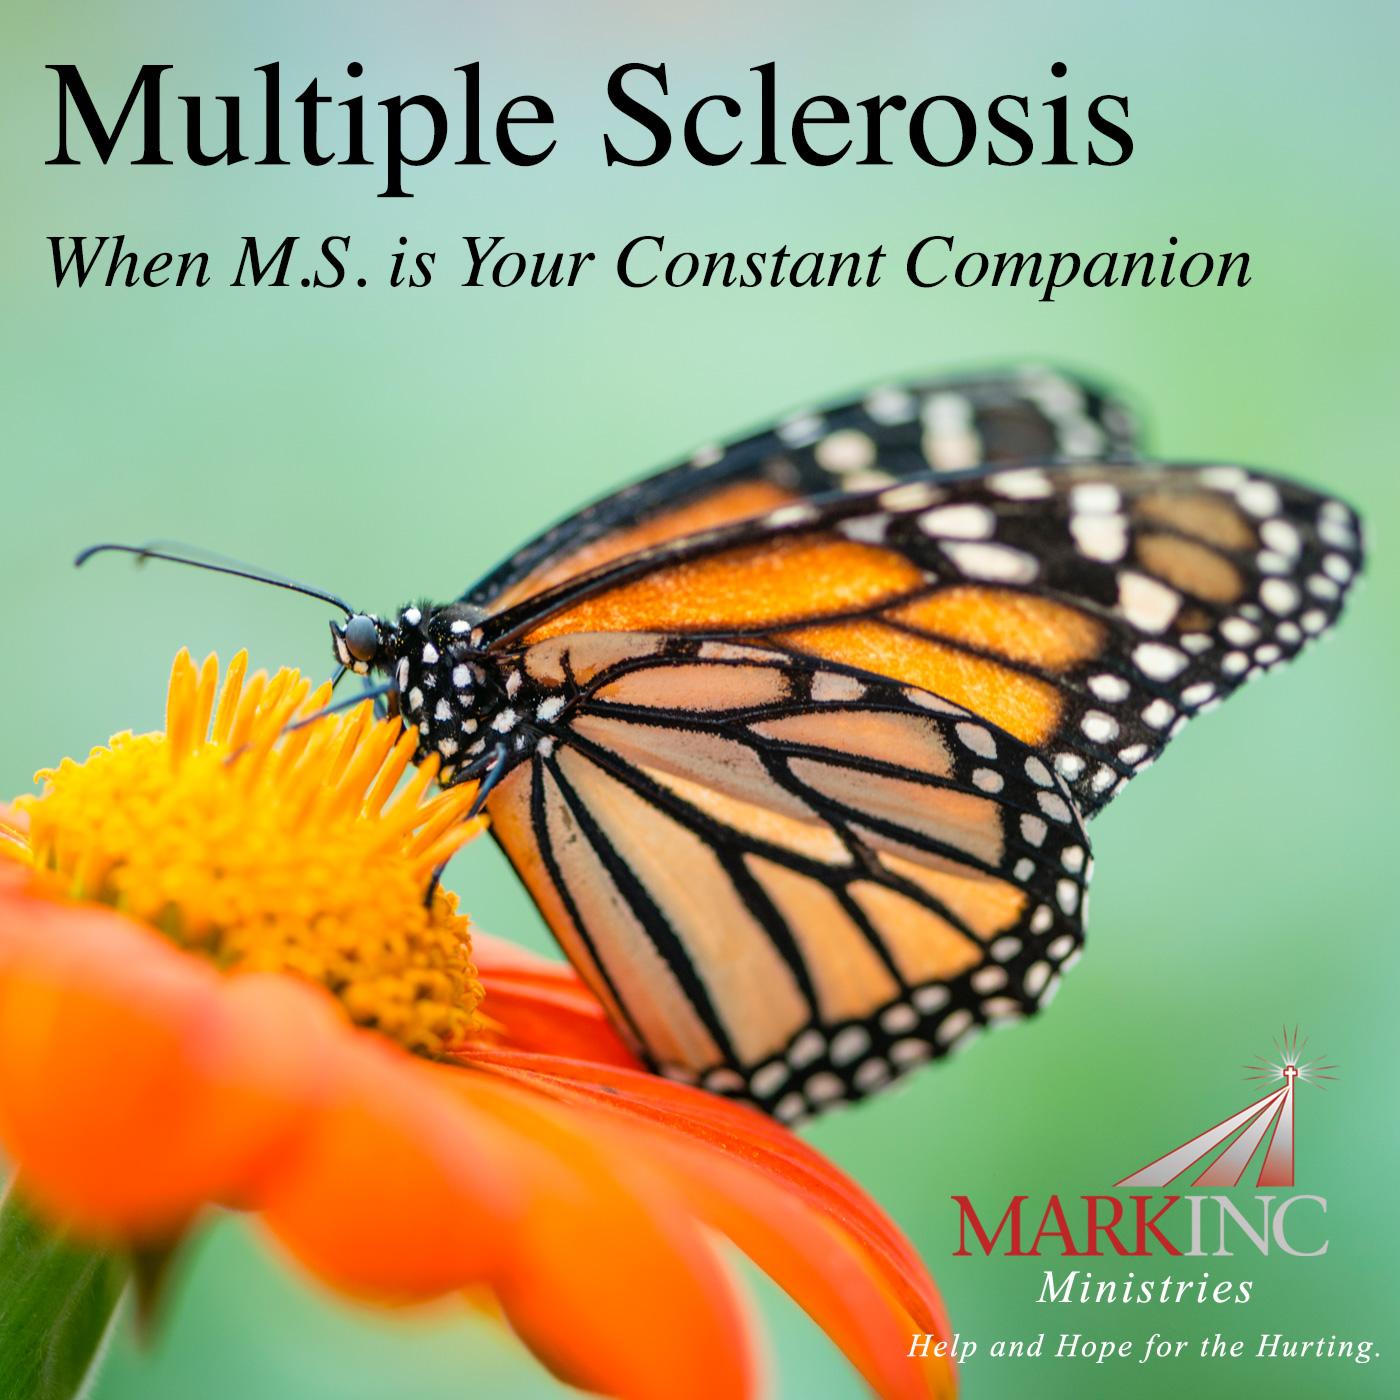 H&H MultipleSclerosis SQ.jpg